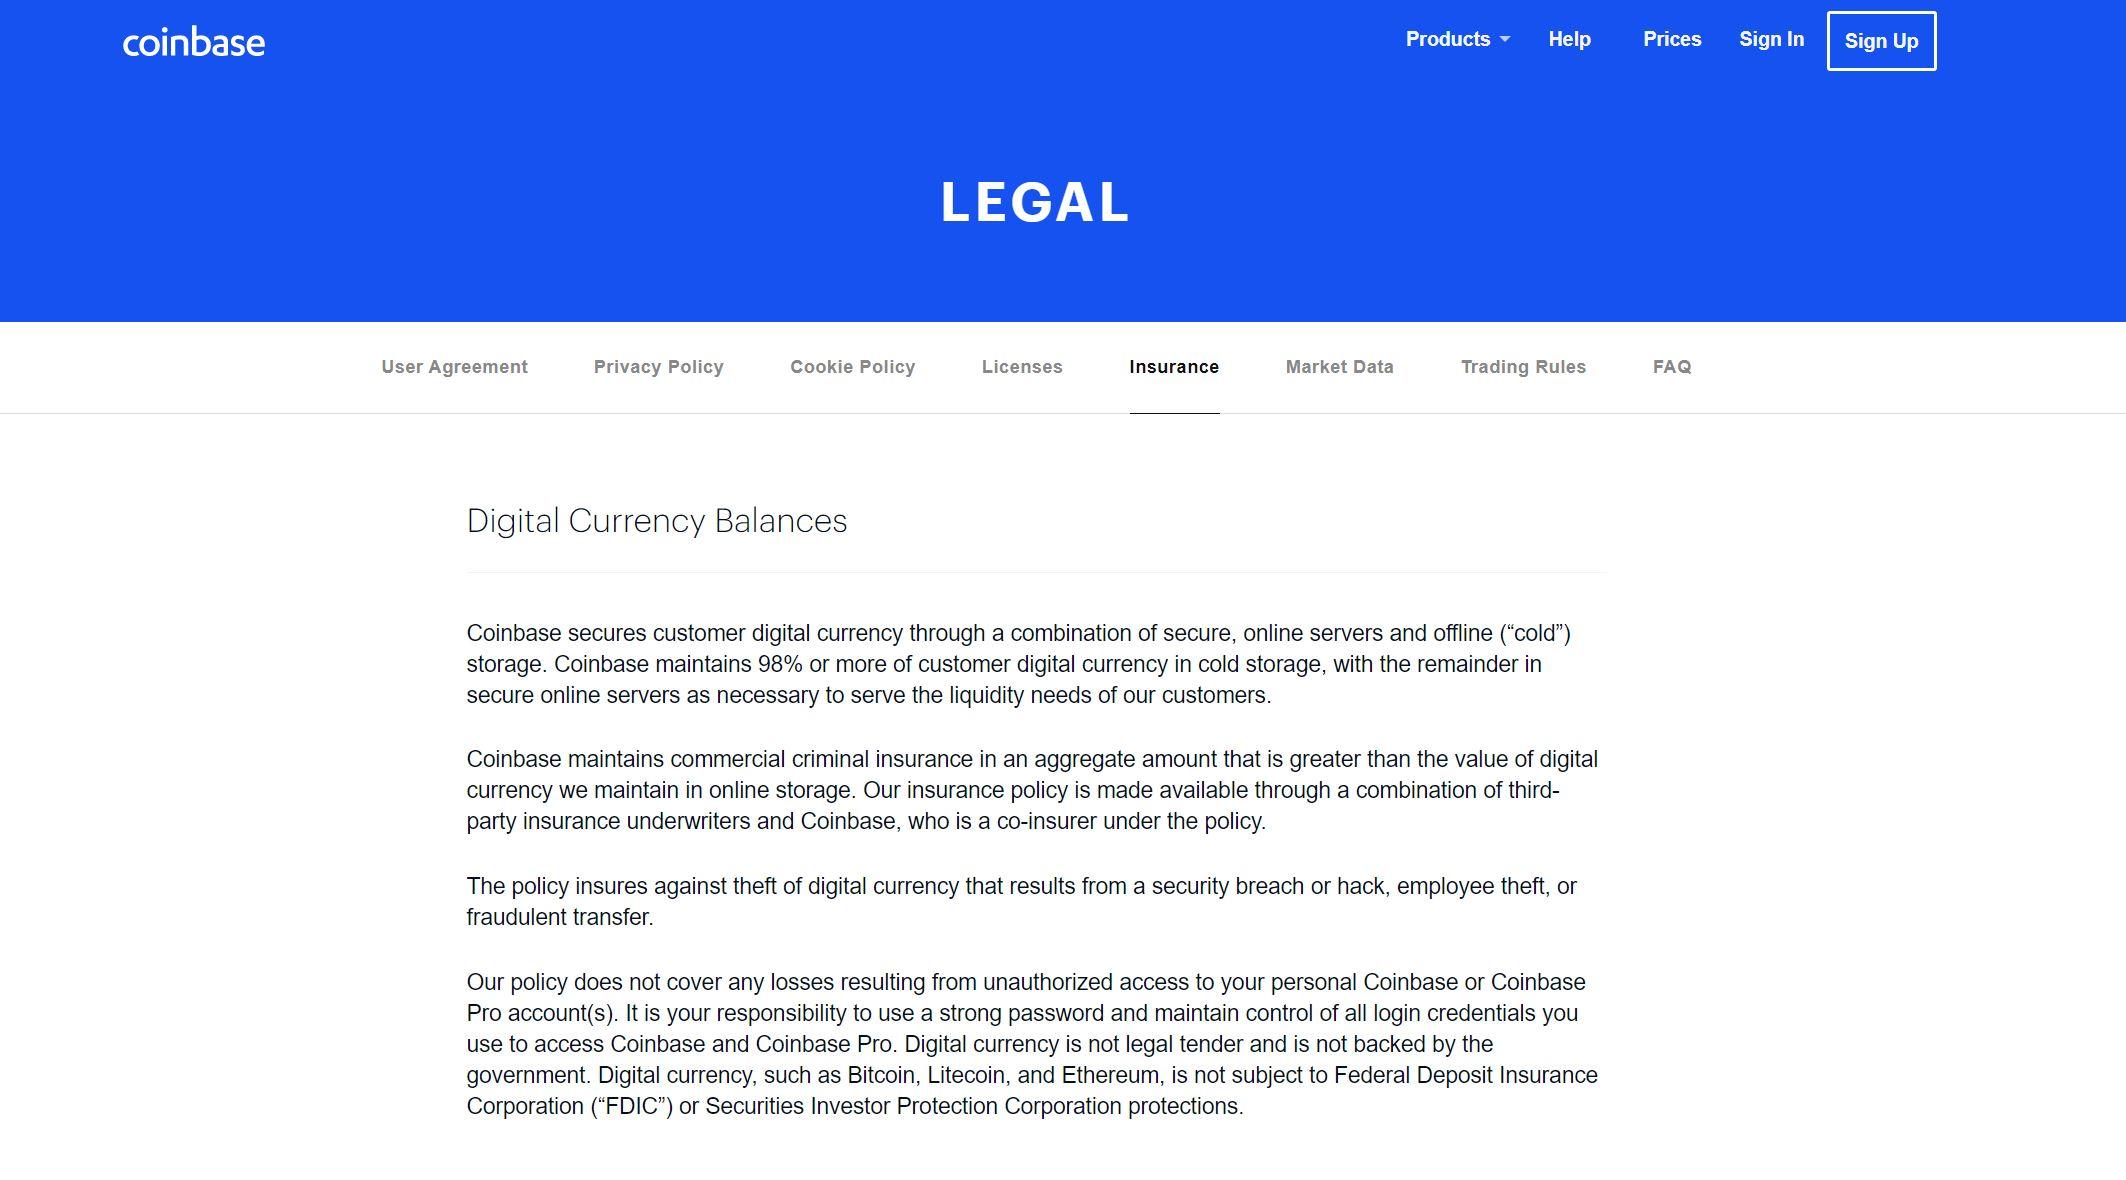 Coinbase Legal